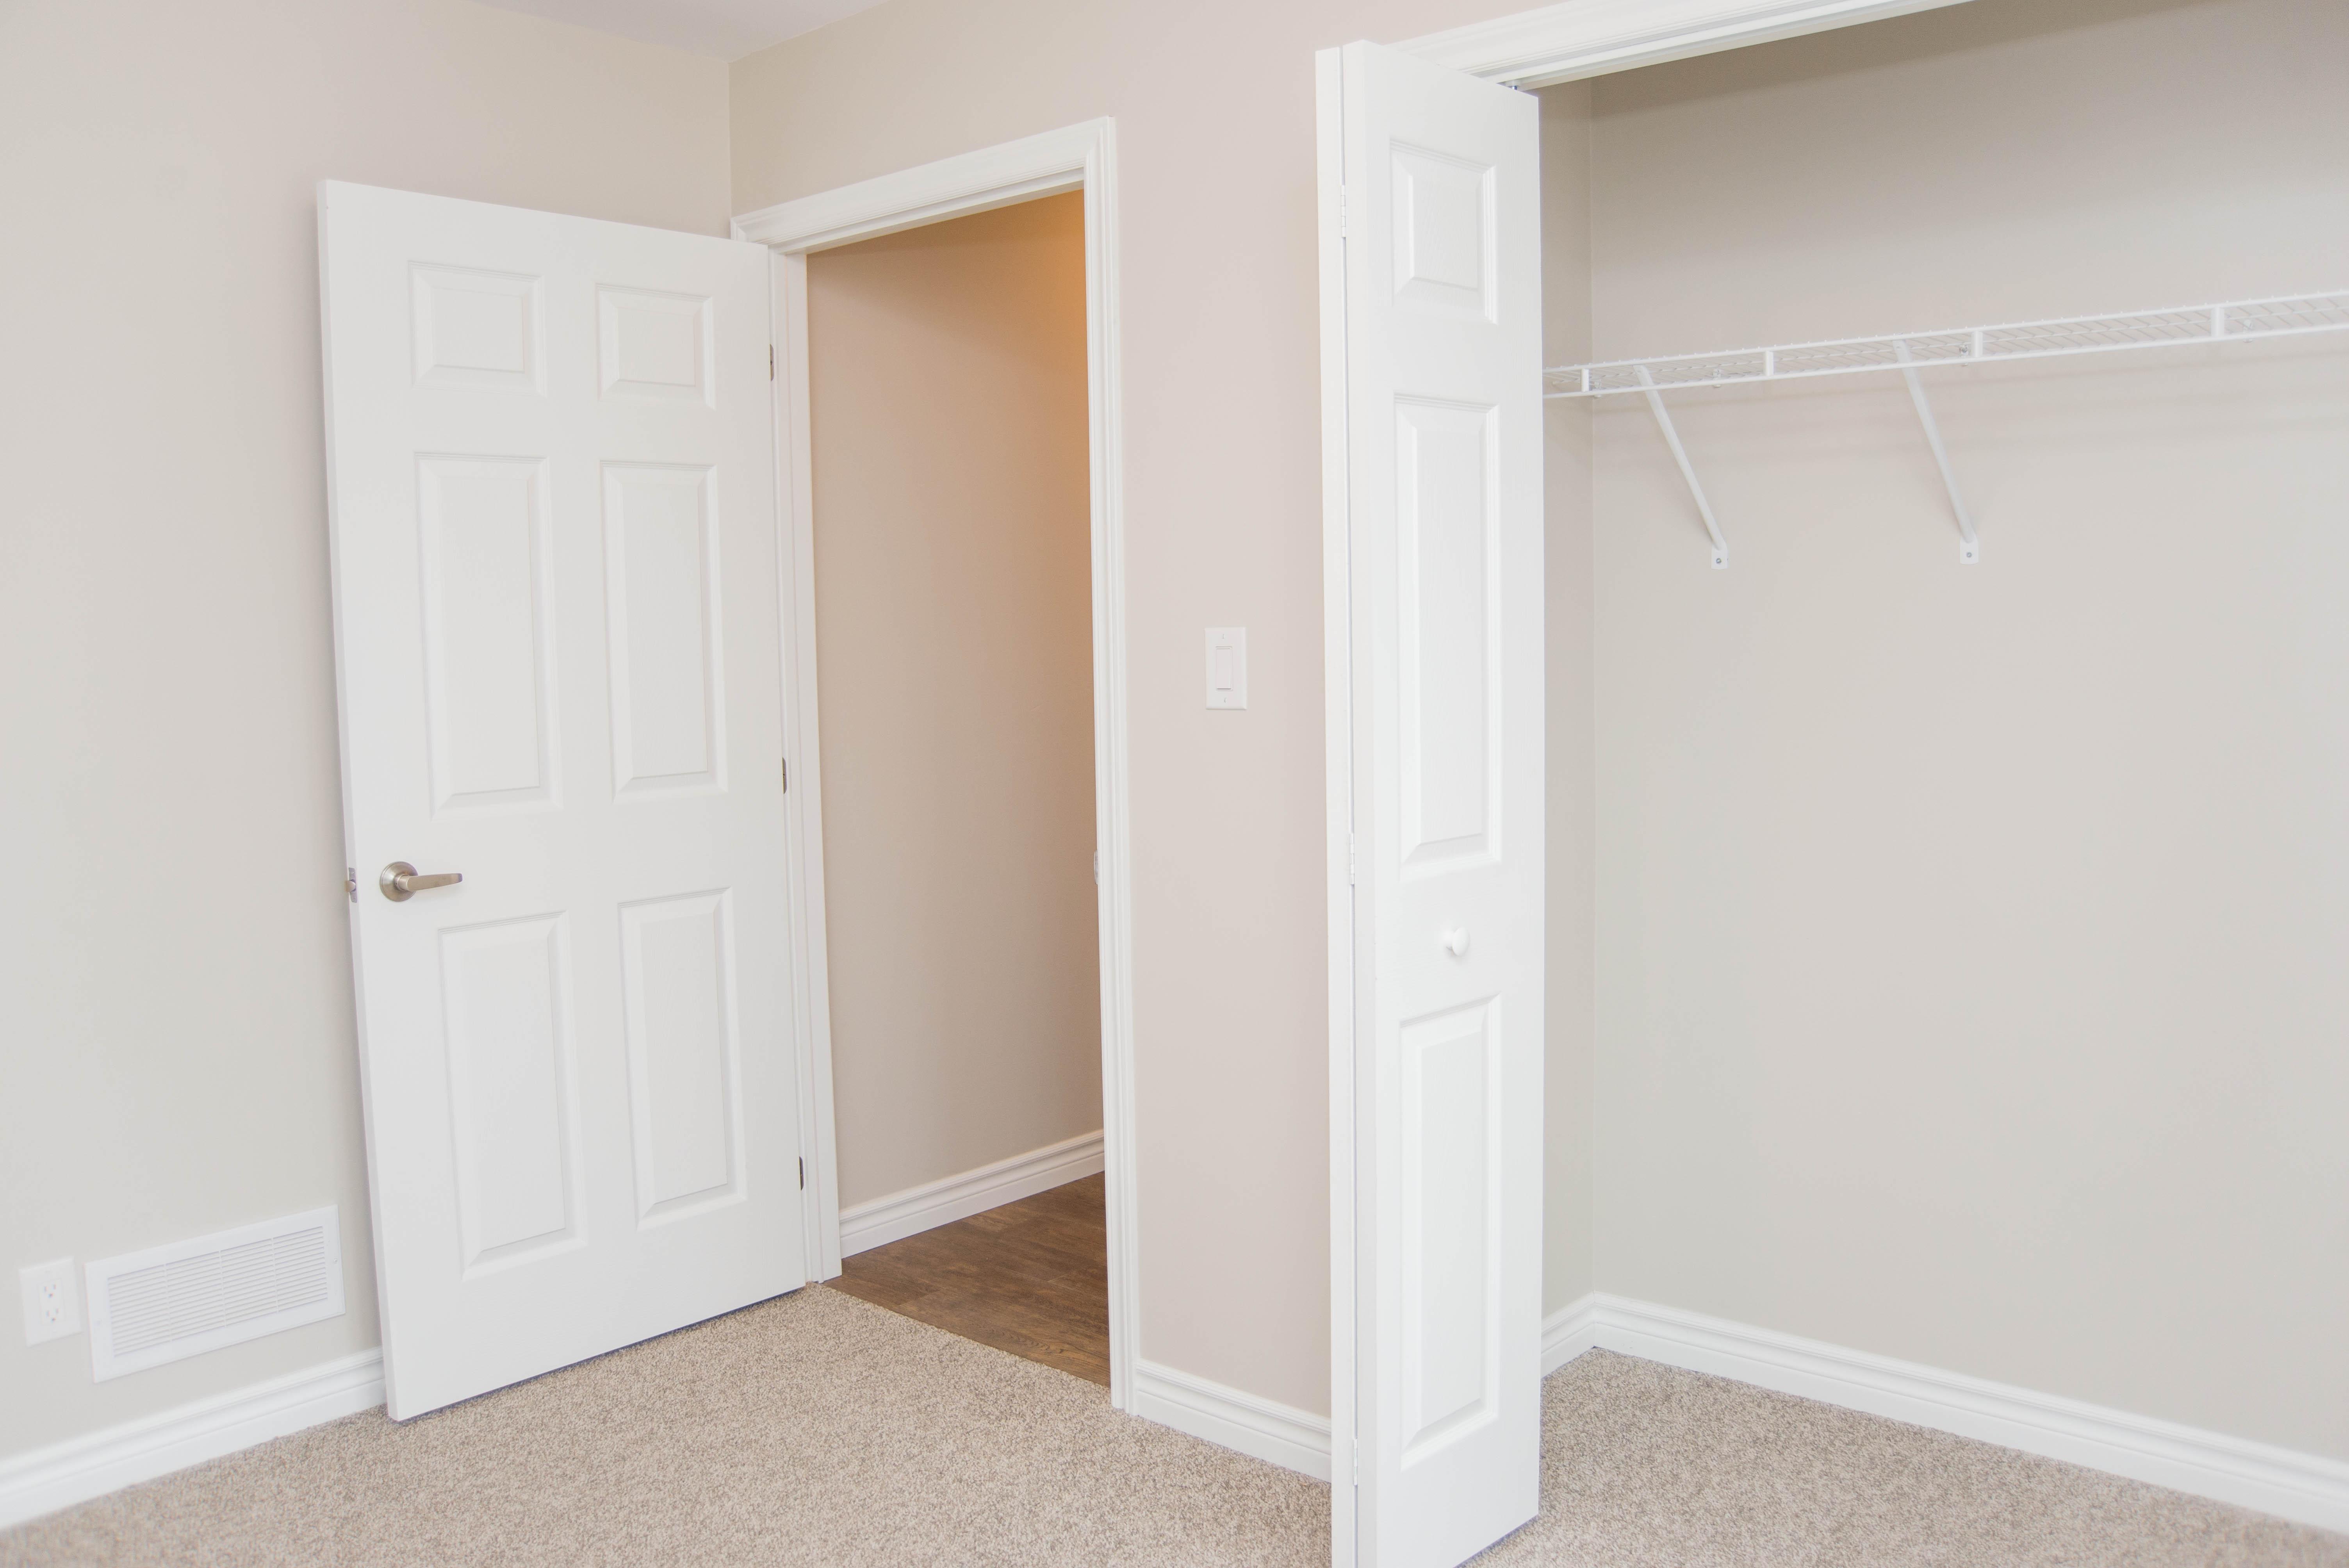 2 Bedroom - Bedroom #1